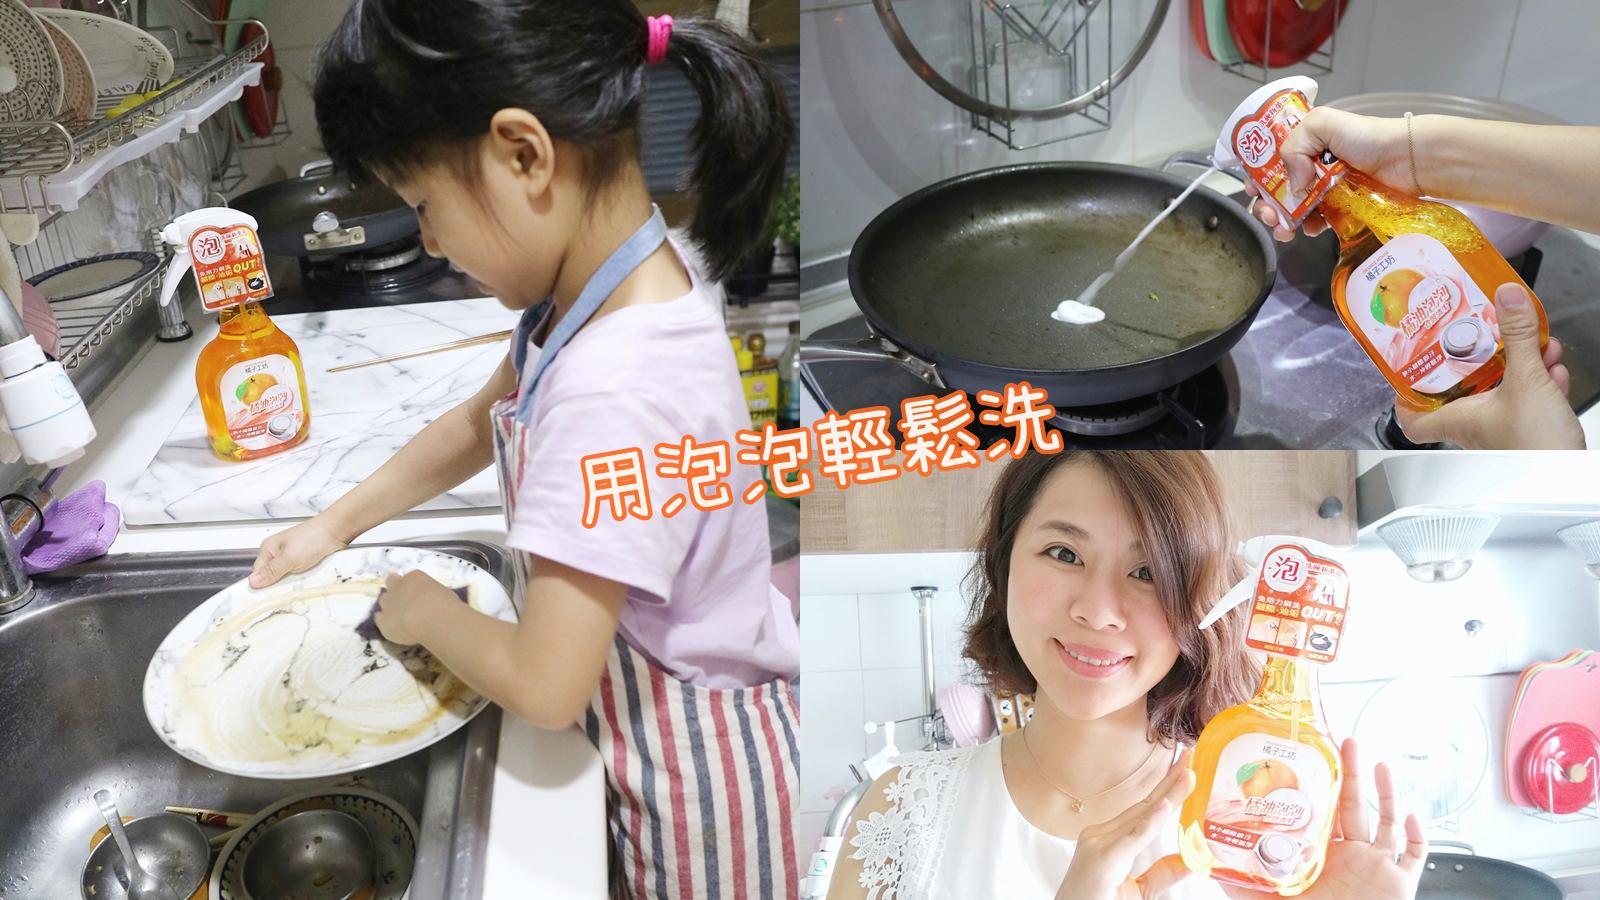 【生活】橘子工坊橘油泡泡食器清潔 用泡泡輕鬆去汙 不殘留好乾淨